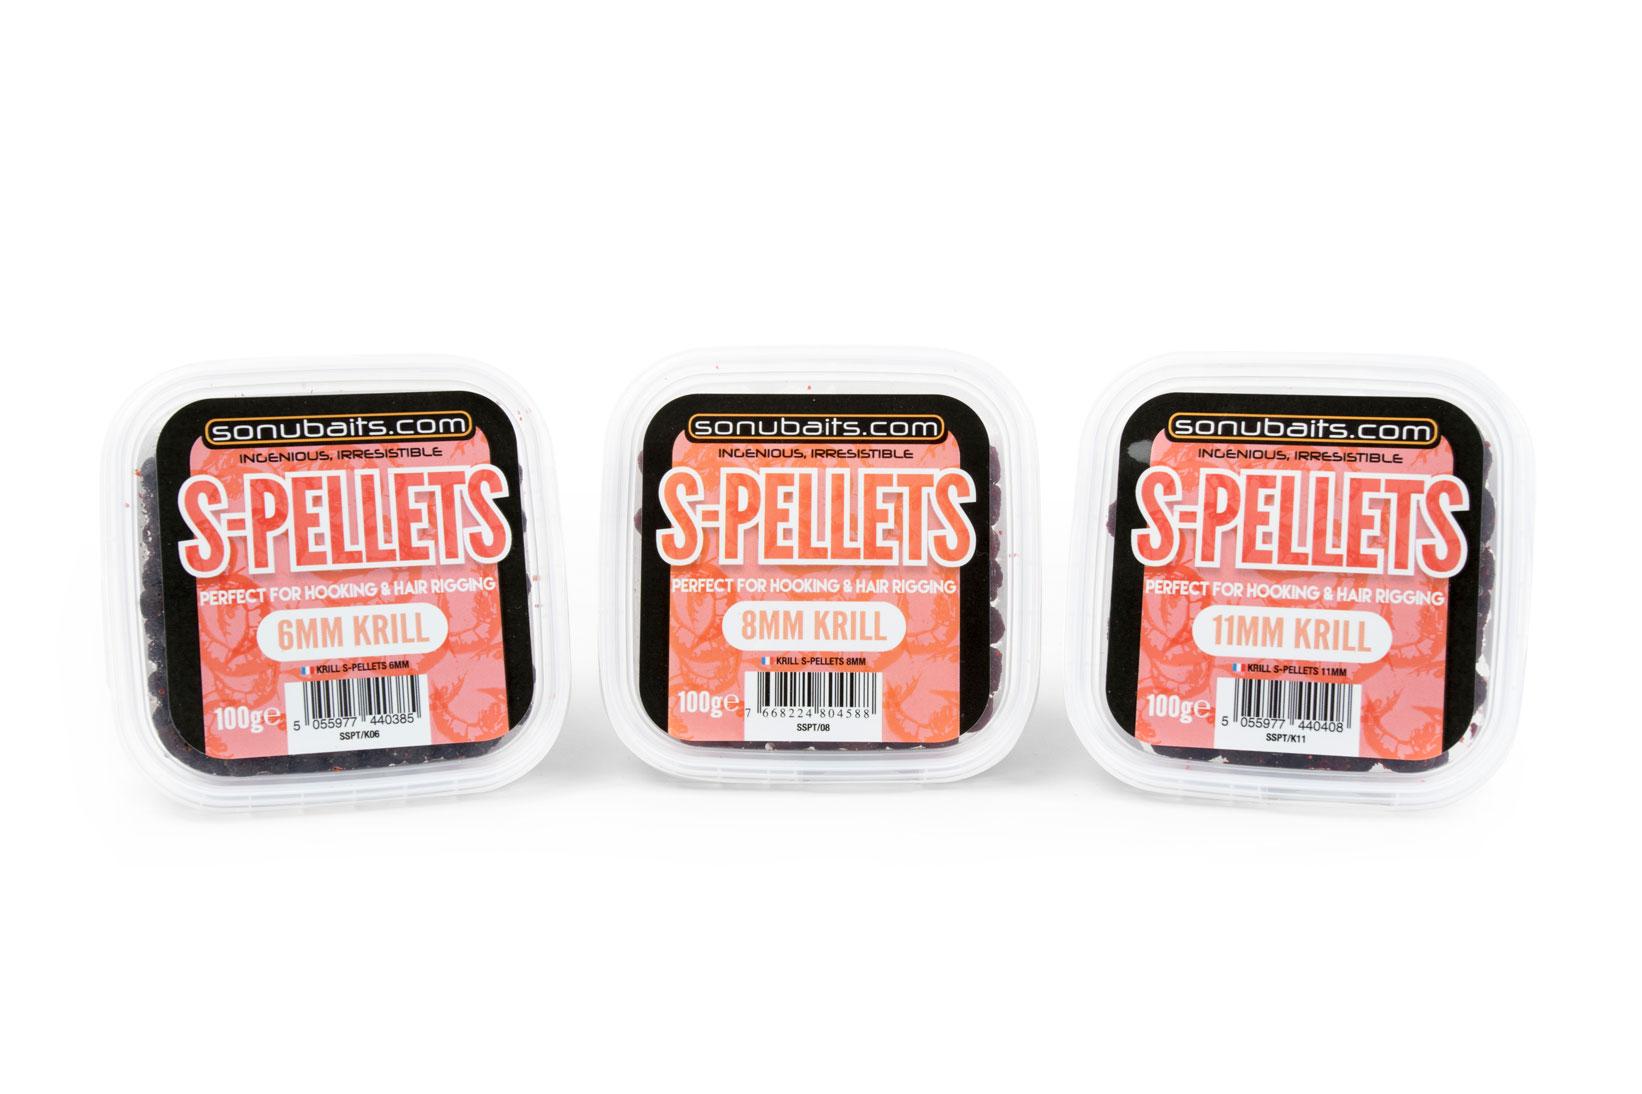 S-Pellets